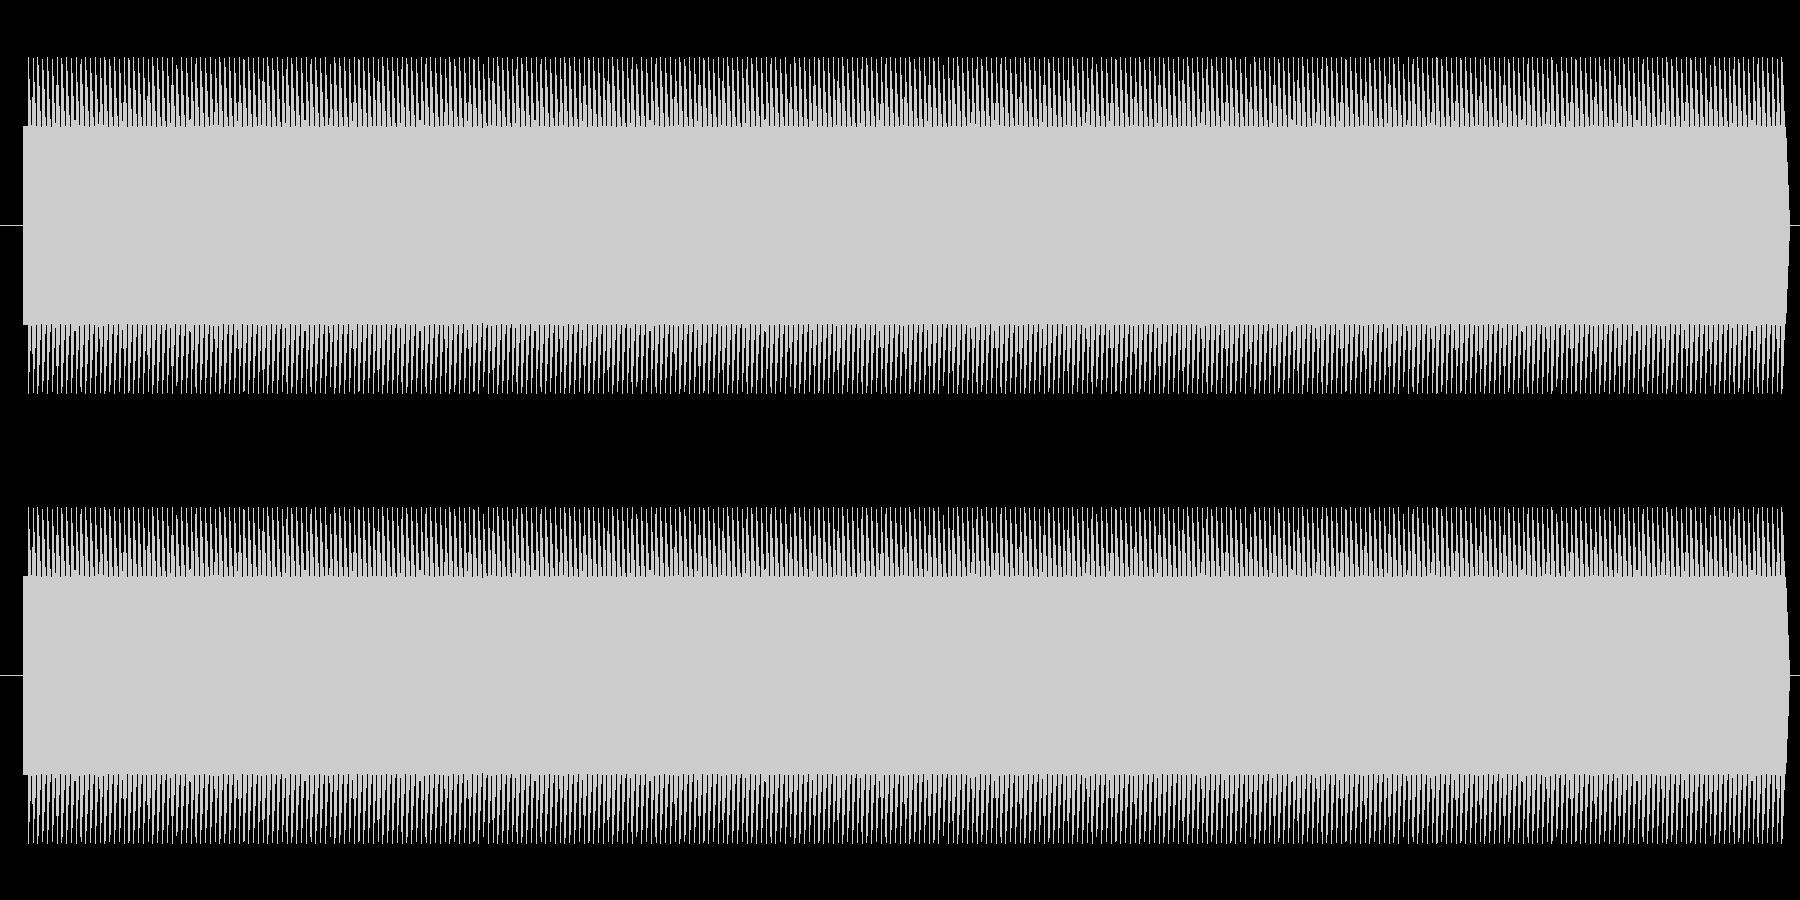 鉄道サウンド 駅発車ベル タイプAの未再生の波形